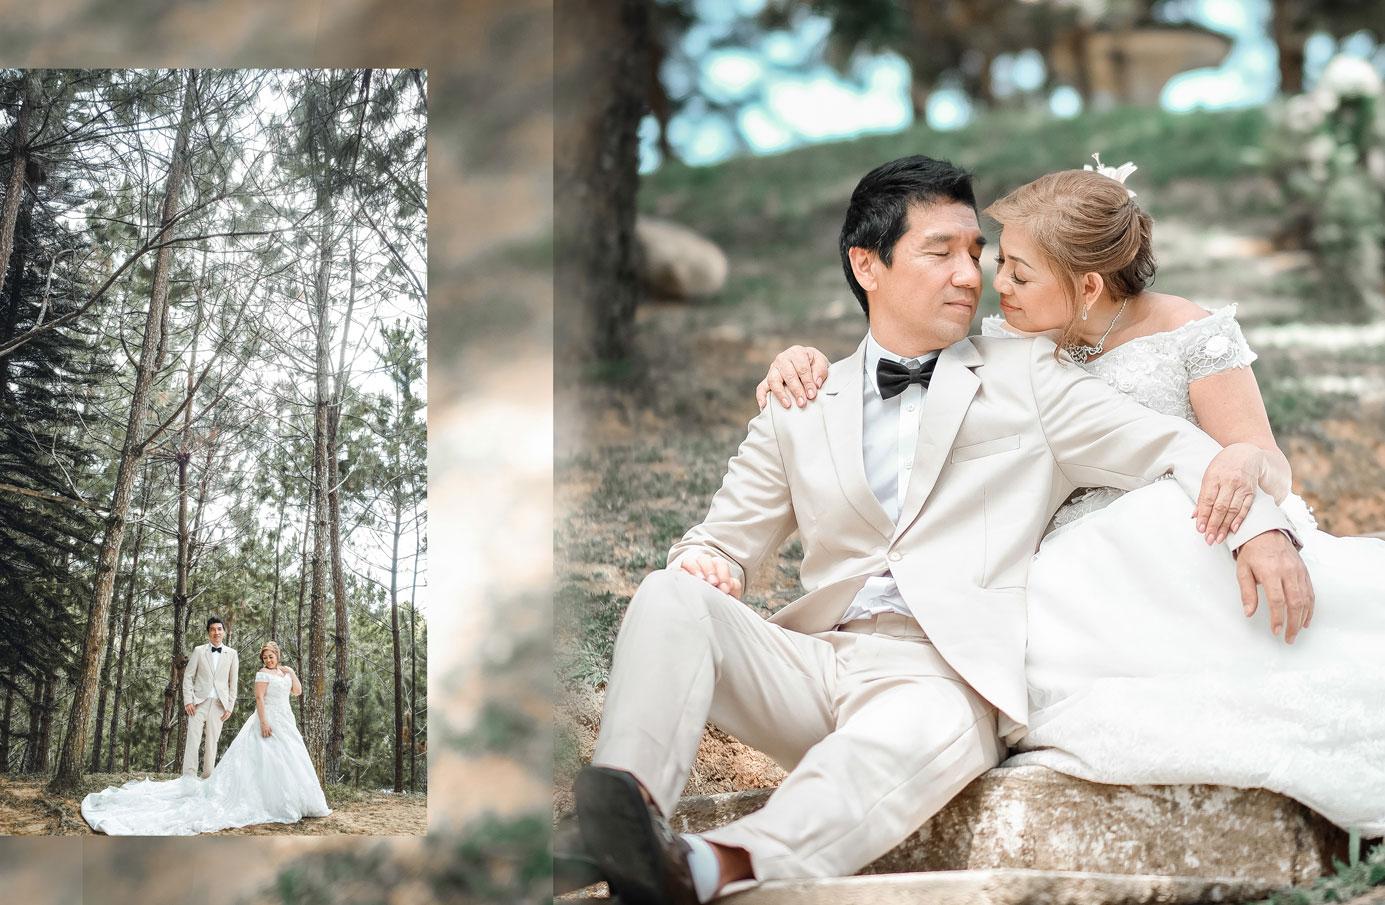 セブフォトスポット セブインスタ映え セブ島ウエディングフォト Cebu garden wedding photo